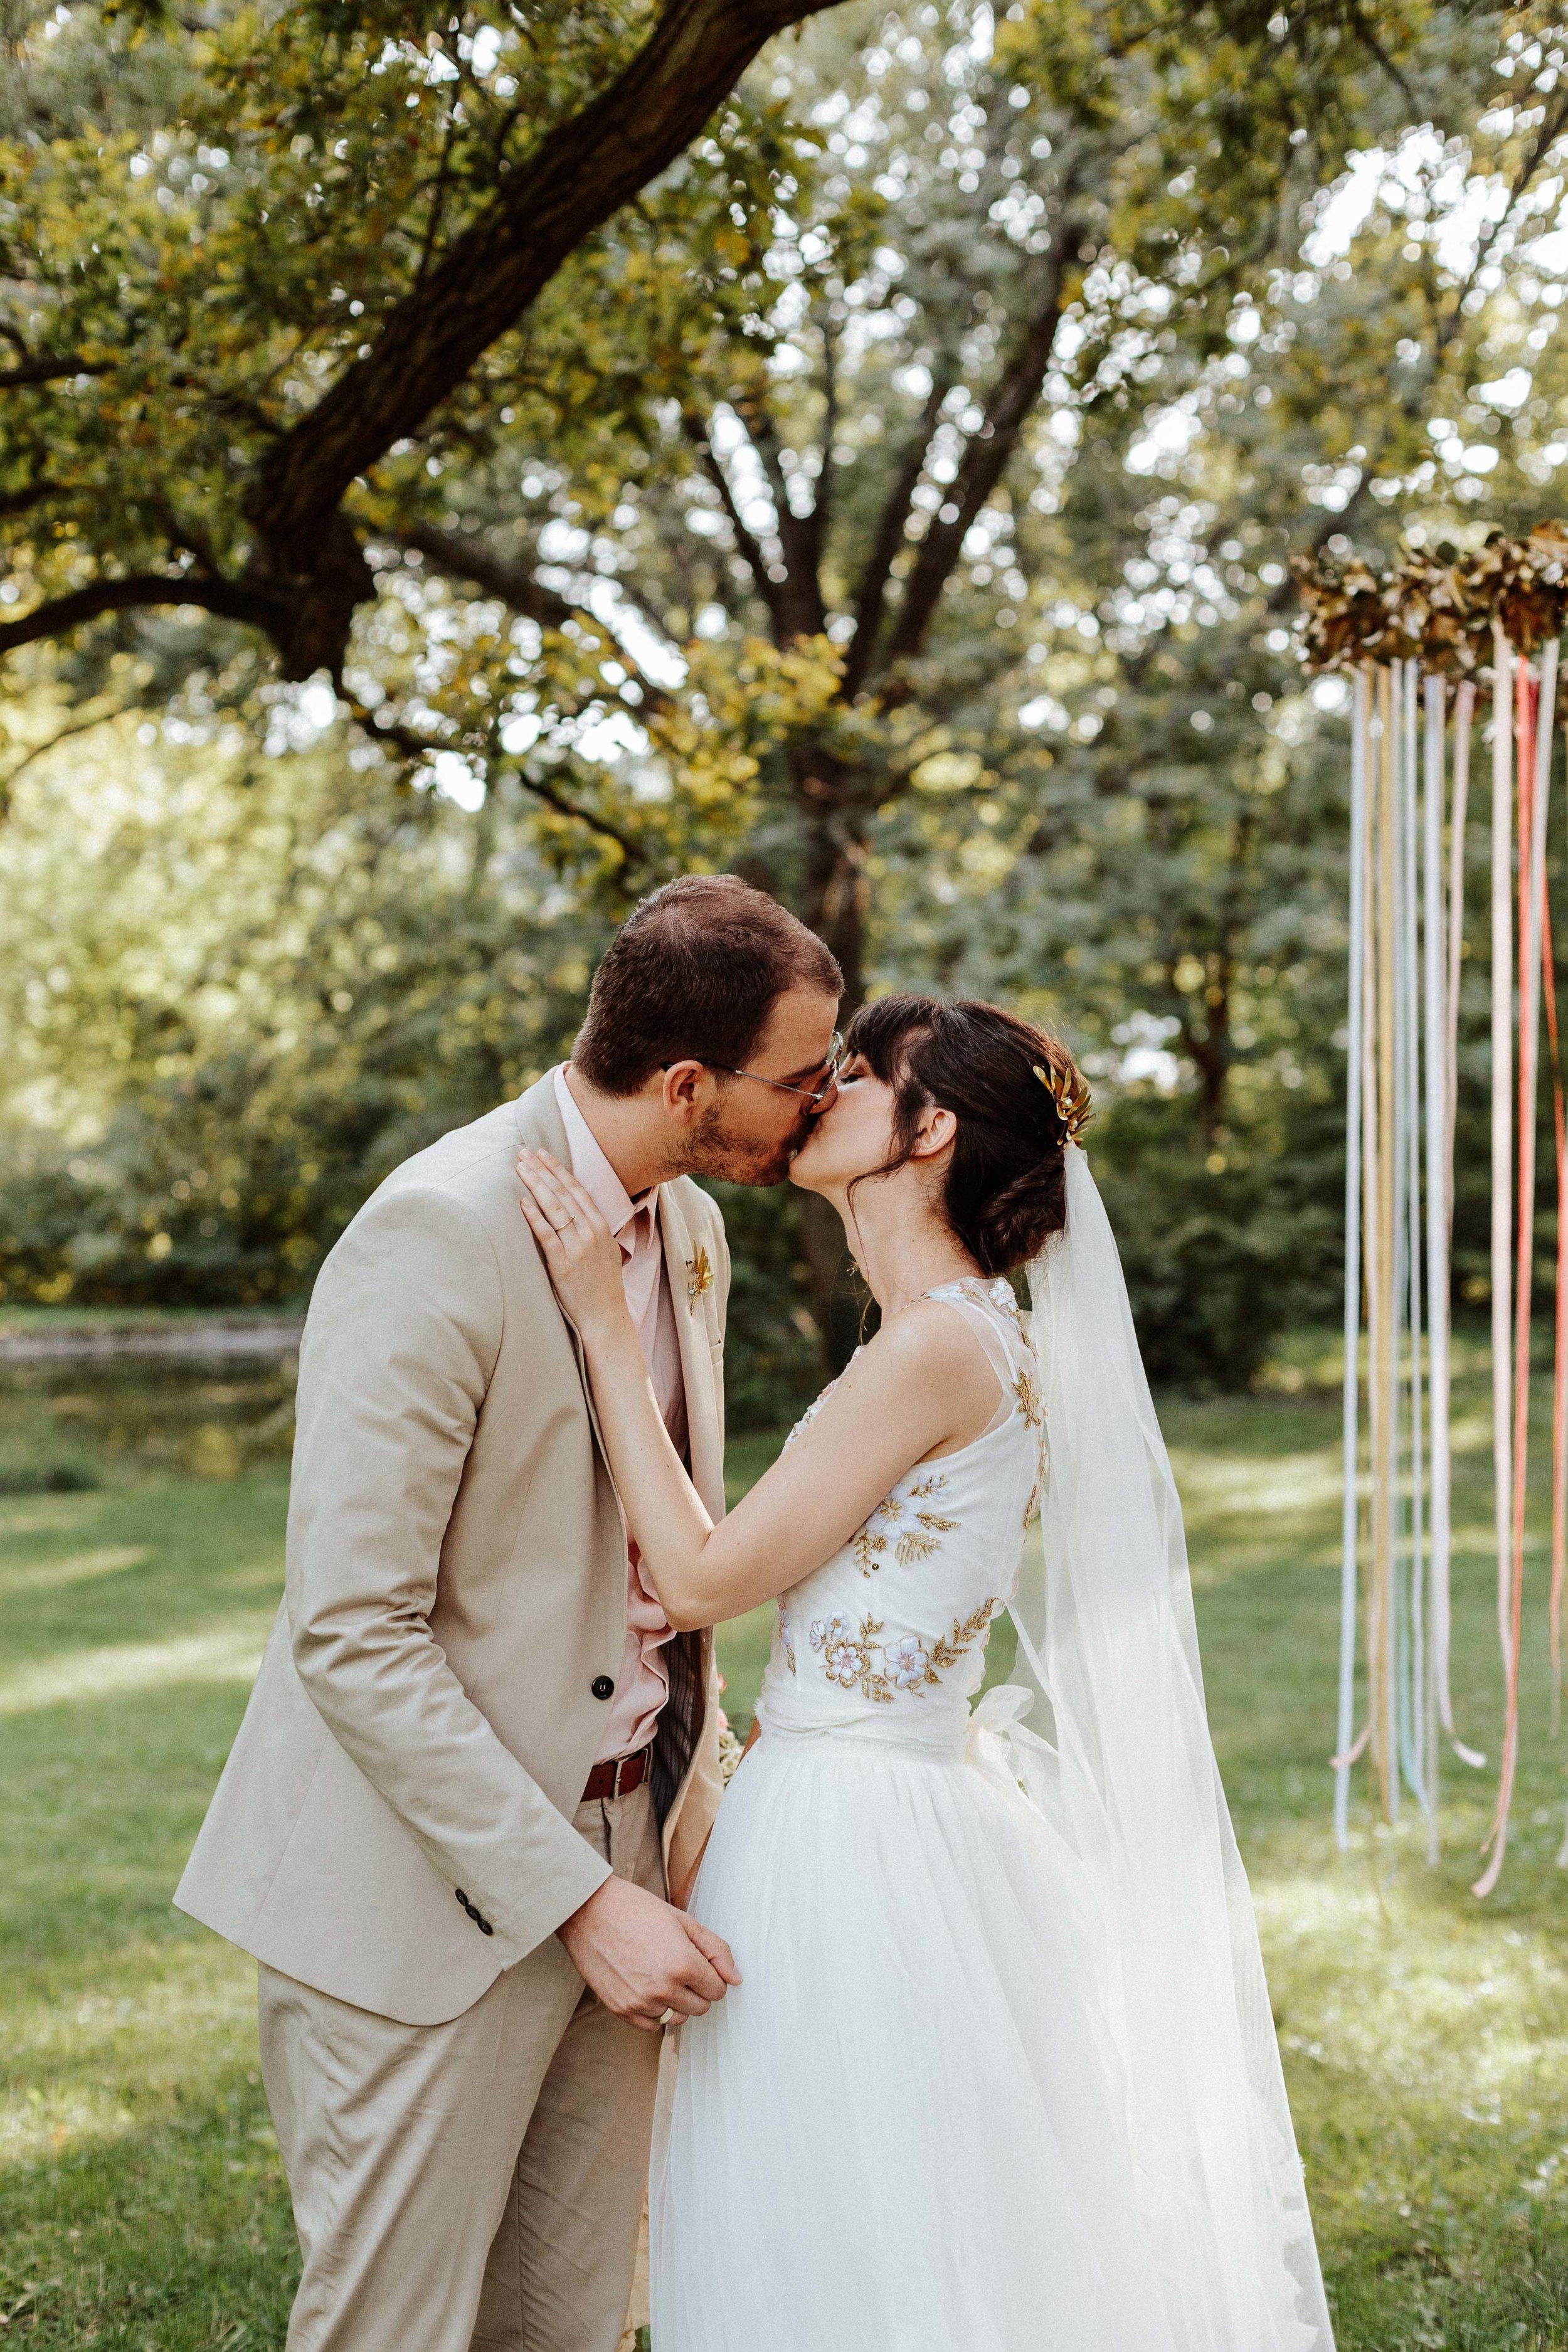 20170826_Rebi+Dani_wedding_w_272__MG_0050_1.jpg